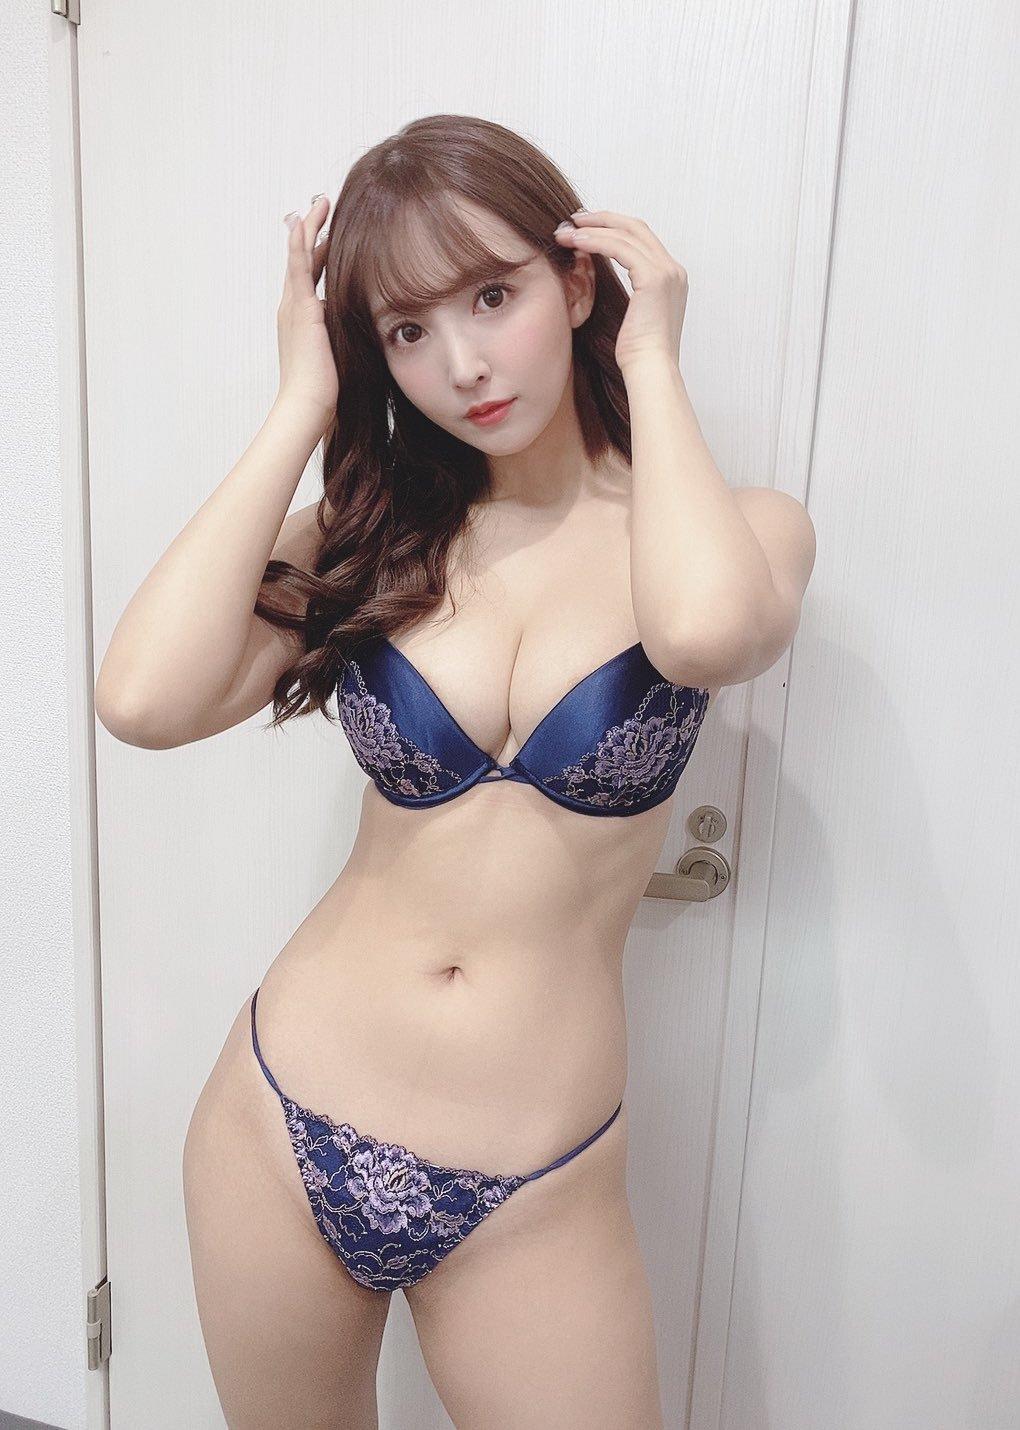 yua_mikami 1273105226879426562_p0